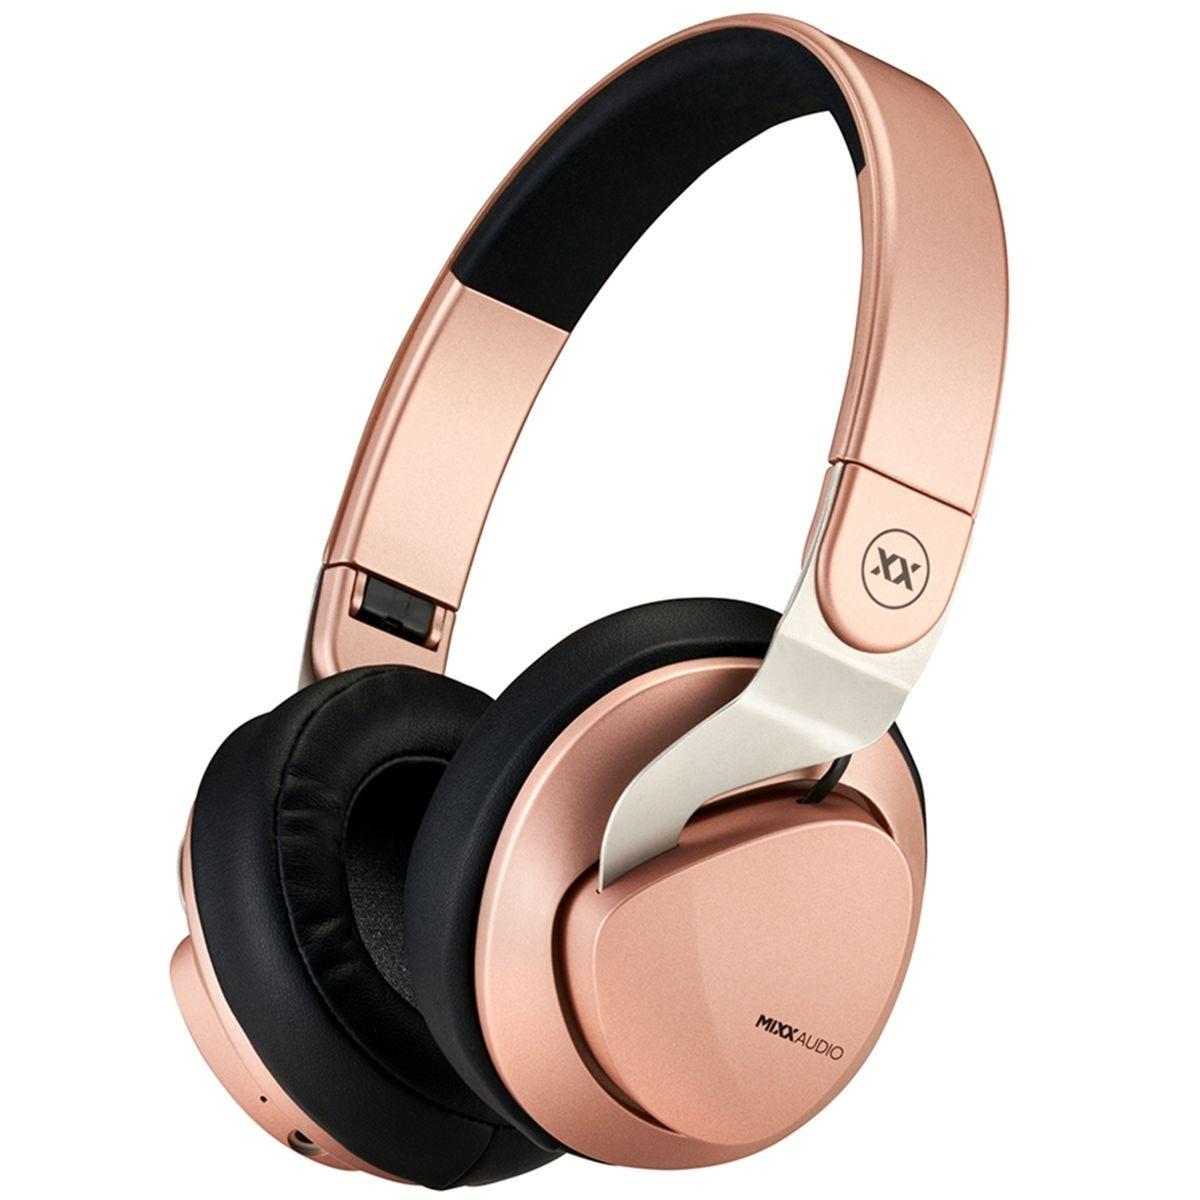 Mixx JX2 Wireless over-ear Headphones - Rose Gold